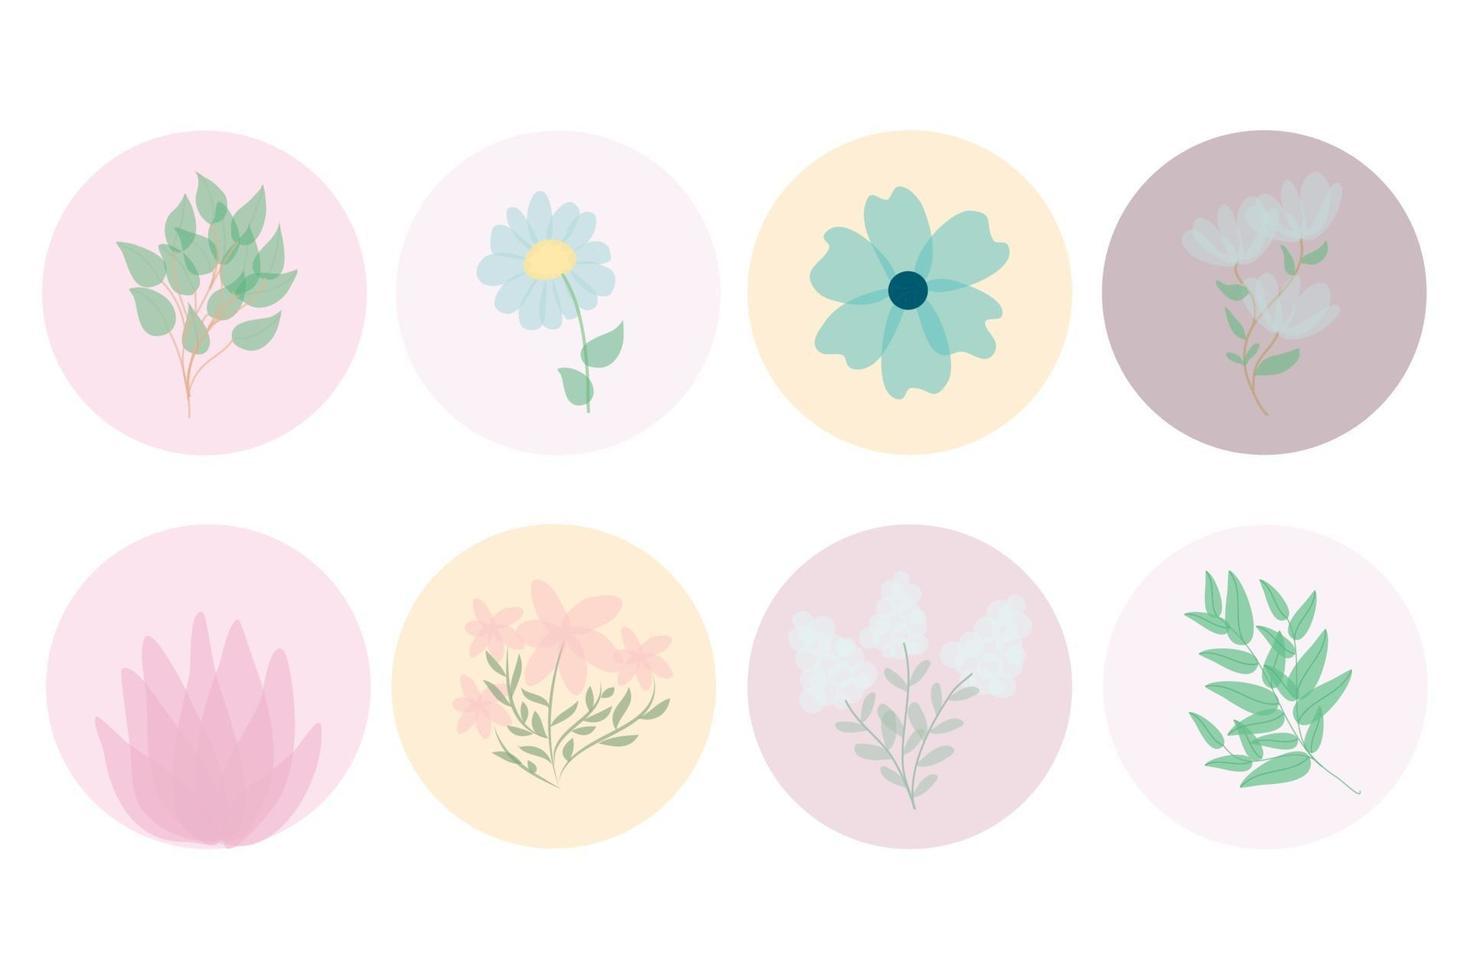 markeer covers voor social media-verhalenvector. veelkleurige cirkels met bloemen en bladeren. ronde bloemen botanische pictogrammen. perfect voor bloggers, merken, stickers, wending, design, decor vector